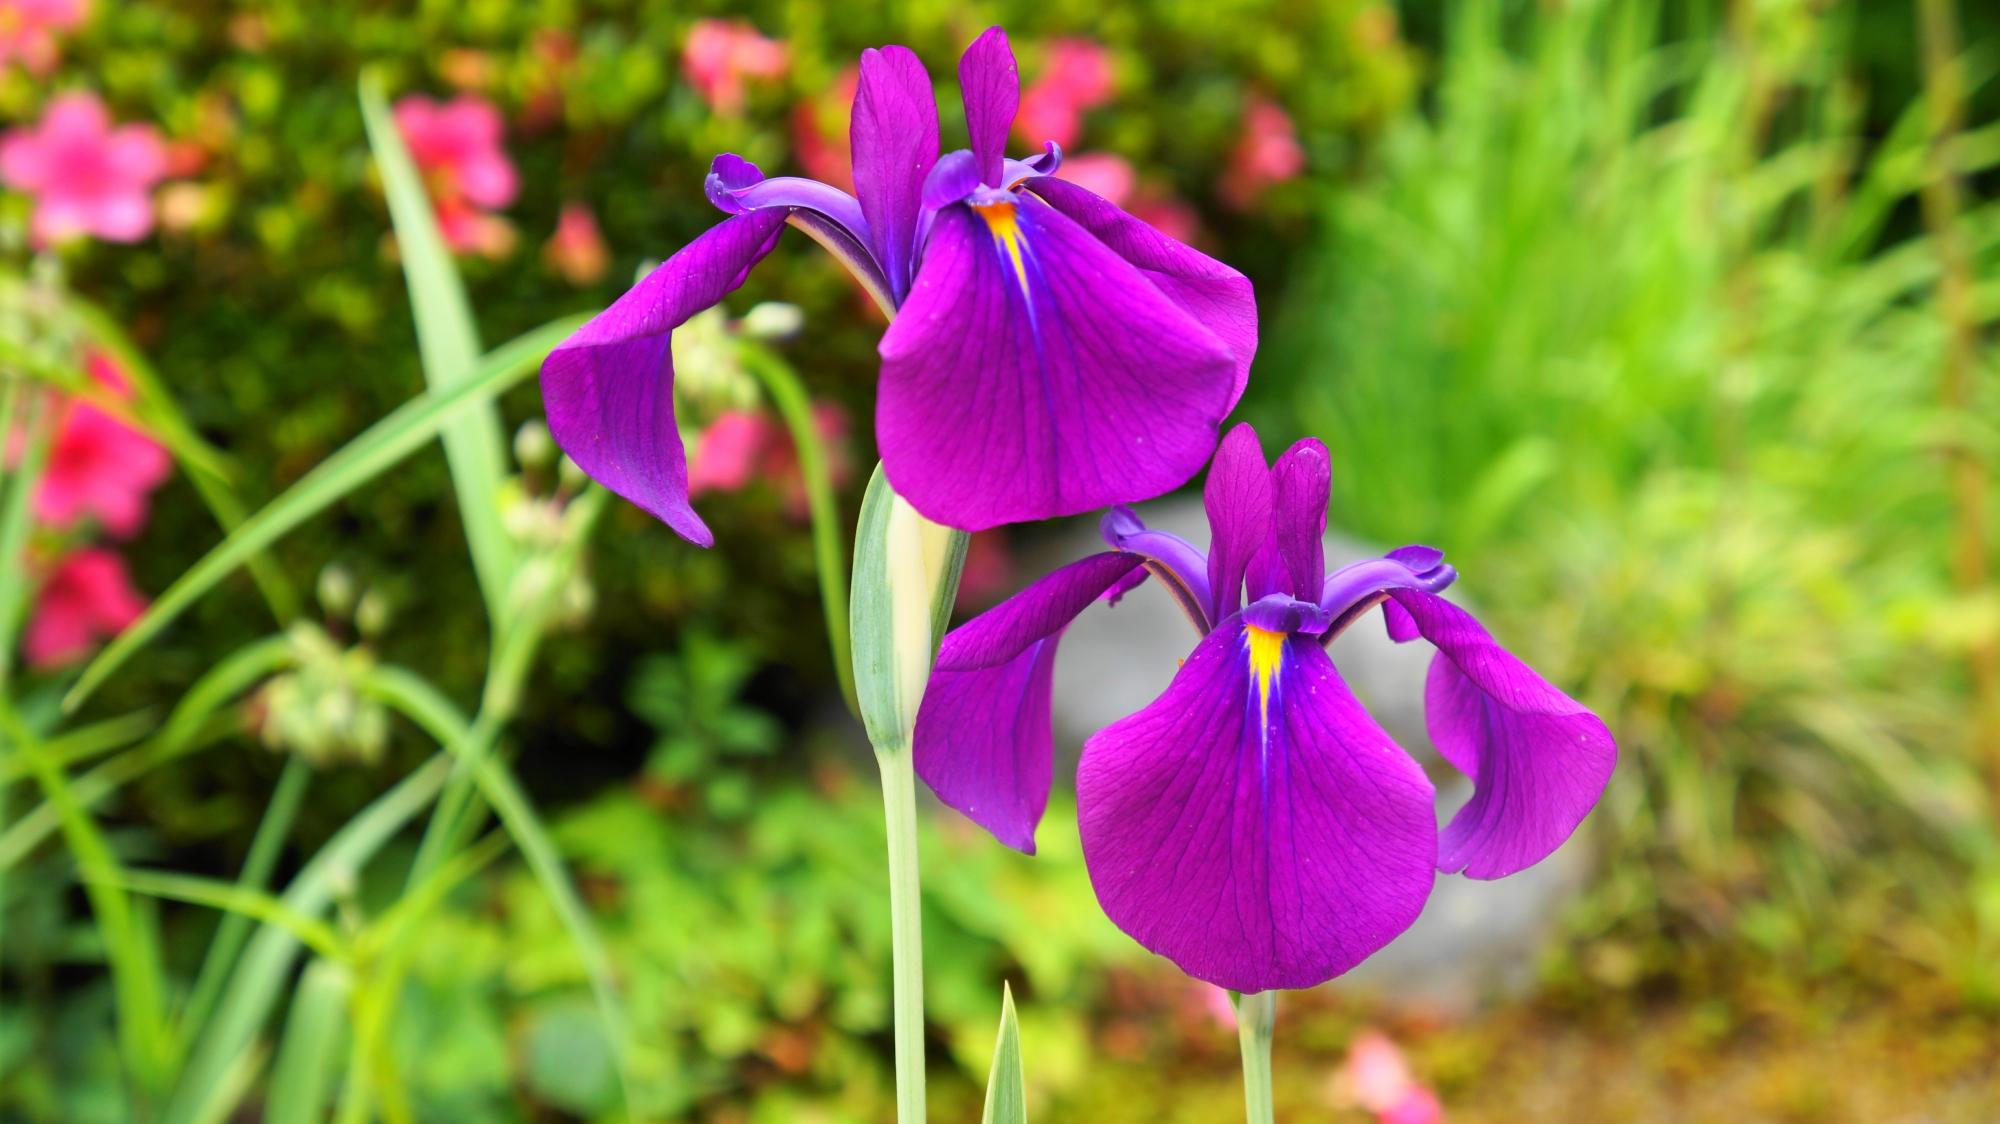 詩仙堂の紫色の立派な花菖蒲